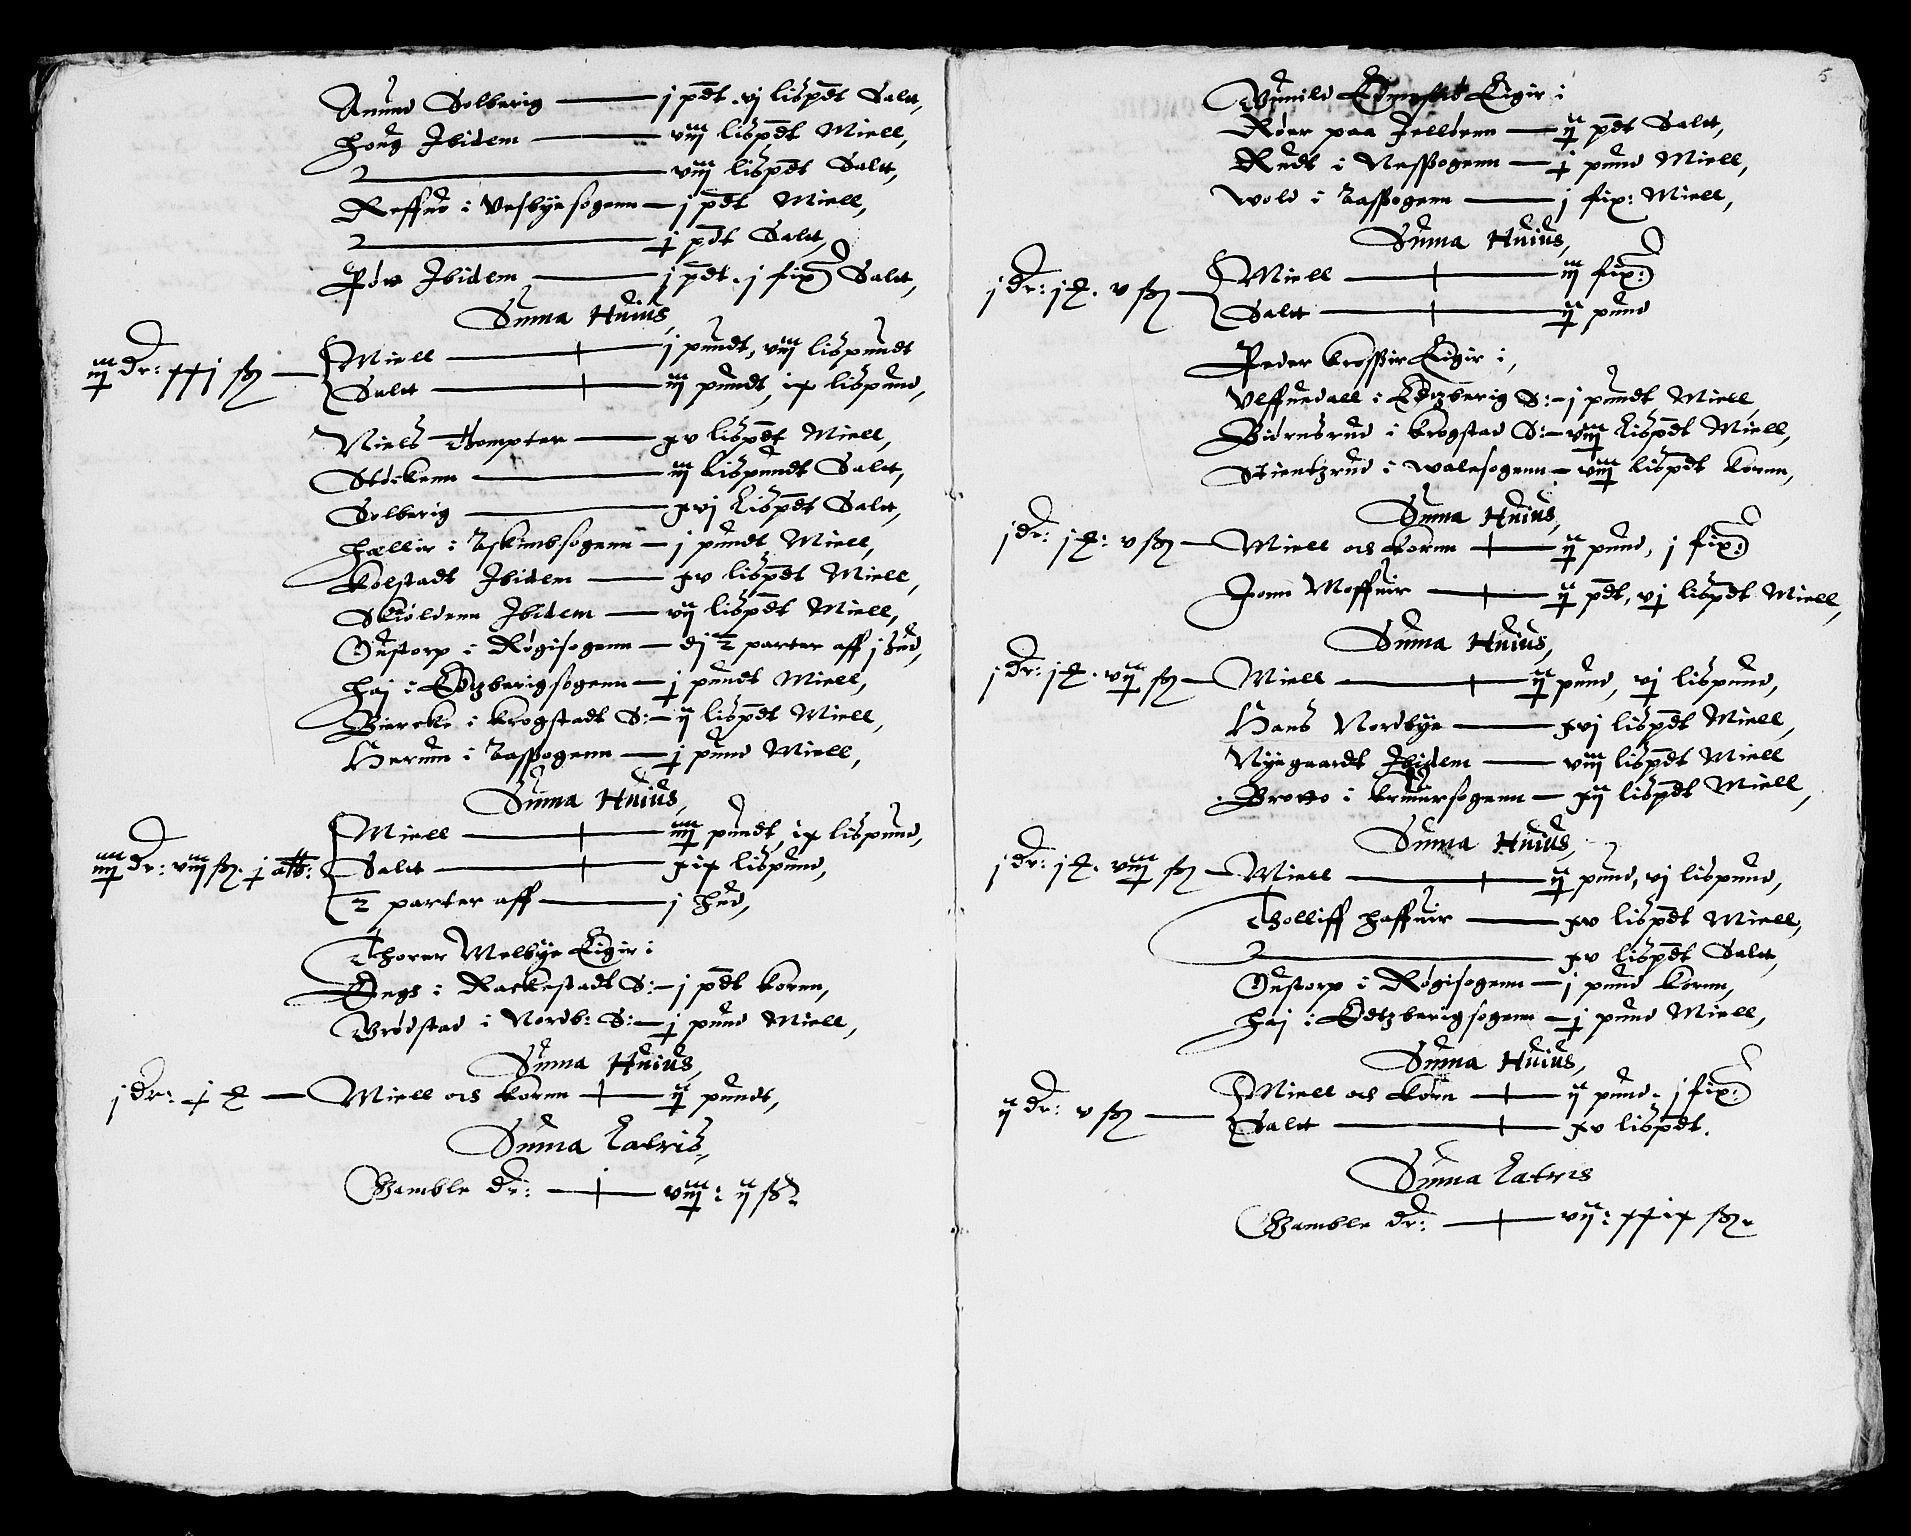 RA, Rentekammeret inntil 1814, Reviderte regnskaper, Lensregnskaper, R/Rb/Rba/L0031: Akershus len, 1612-1613